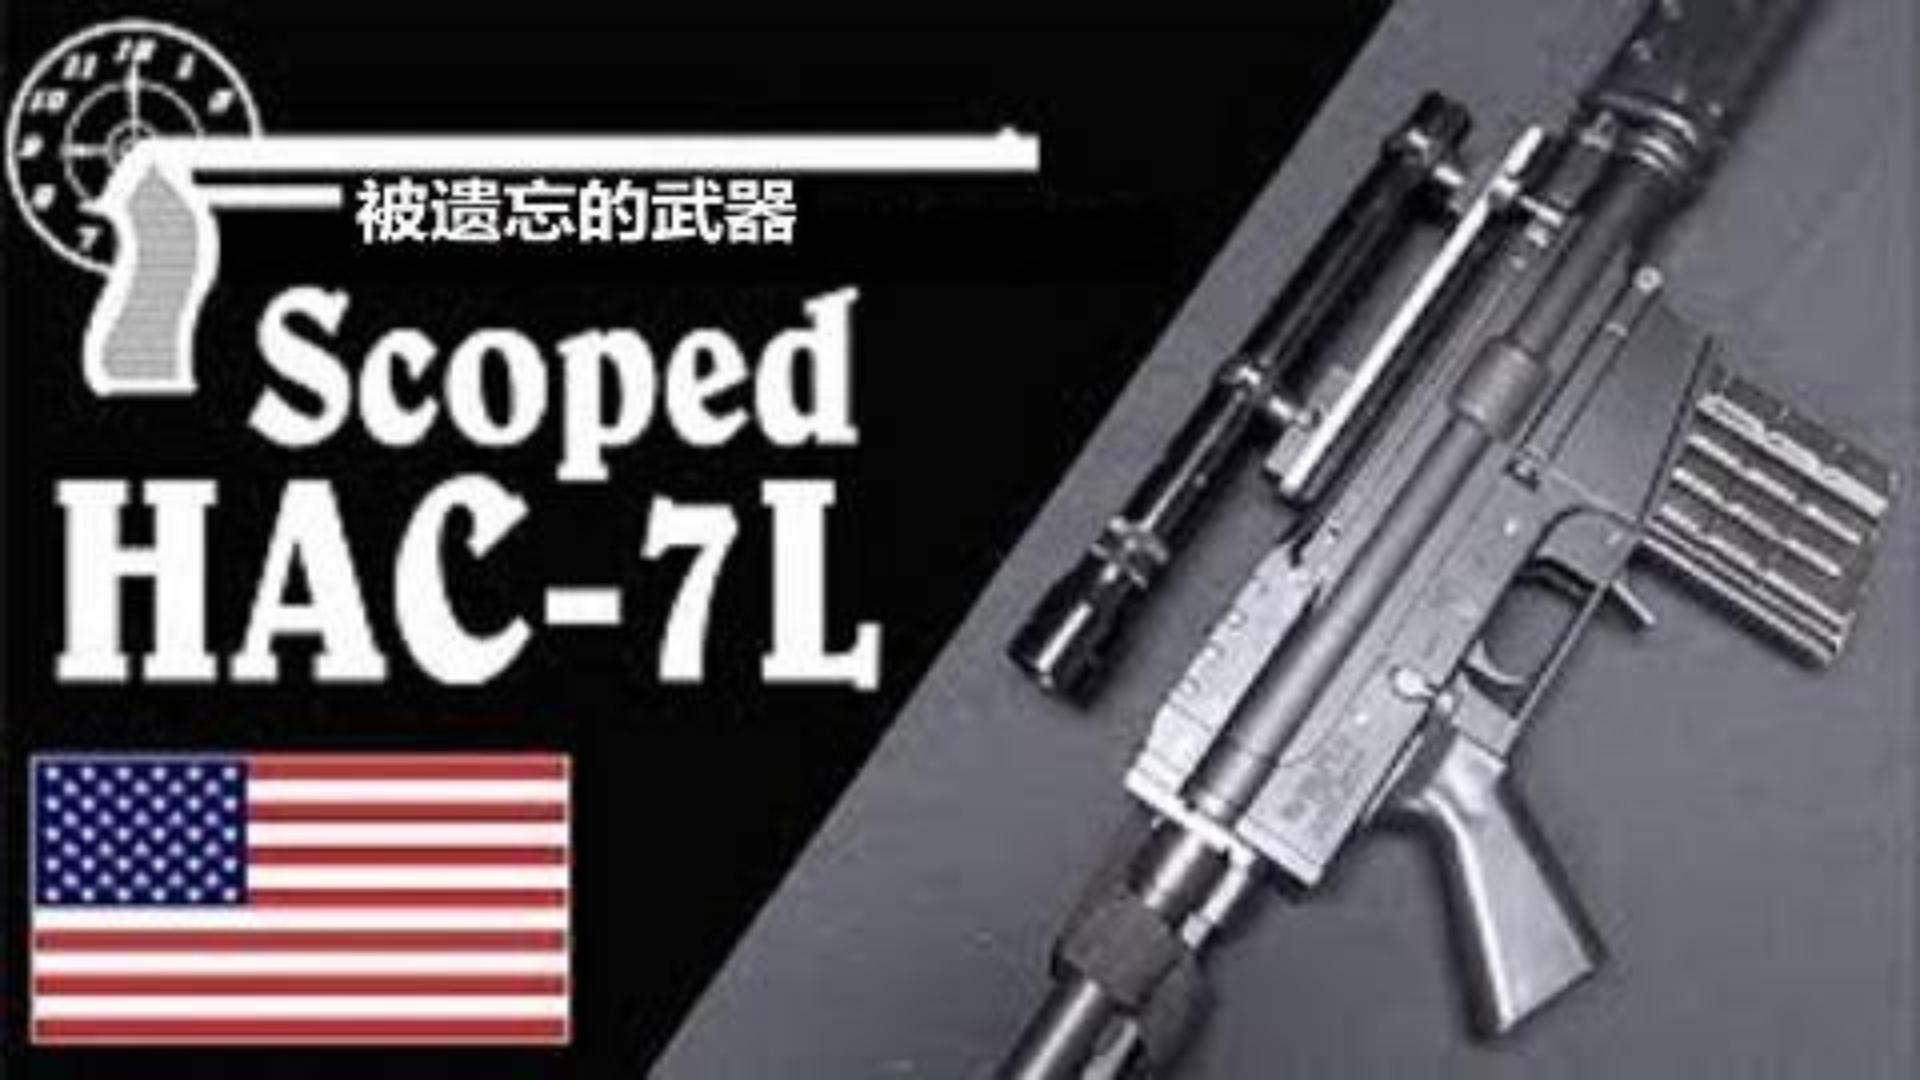 【搬运/已加工字幕】霍洛韦HAC-7L步枪 基本介绍